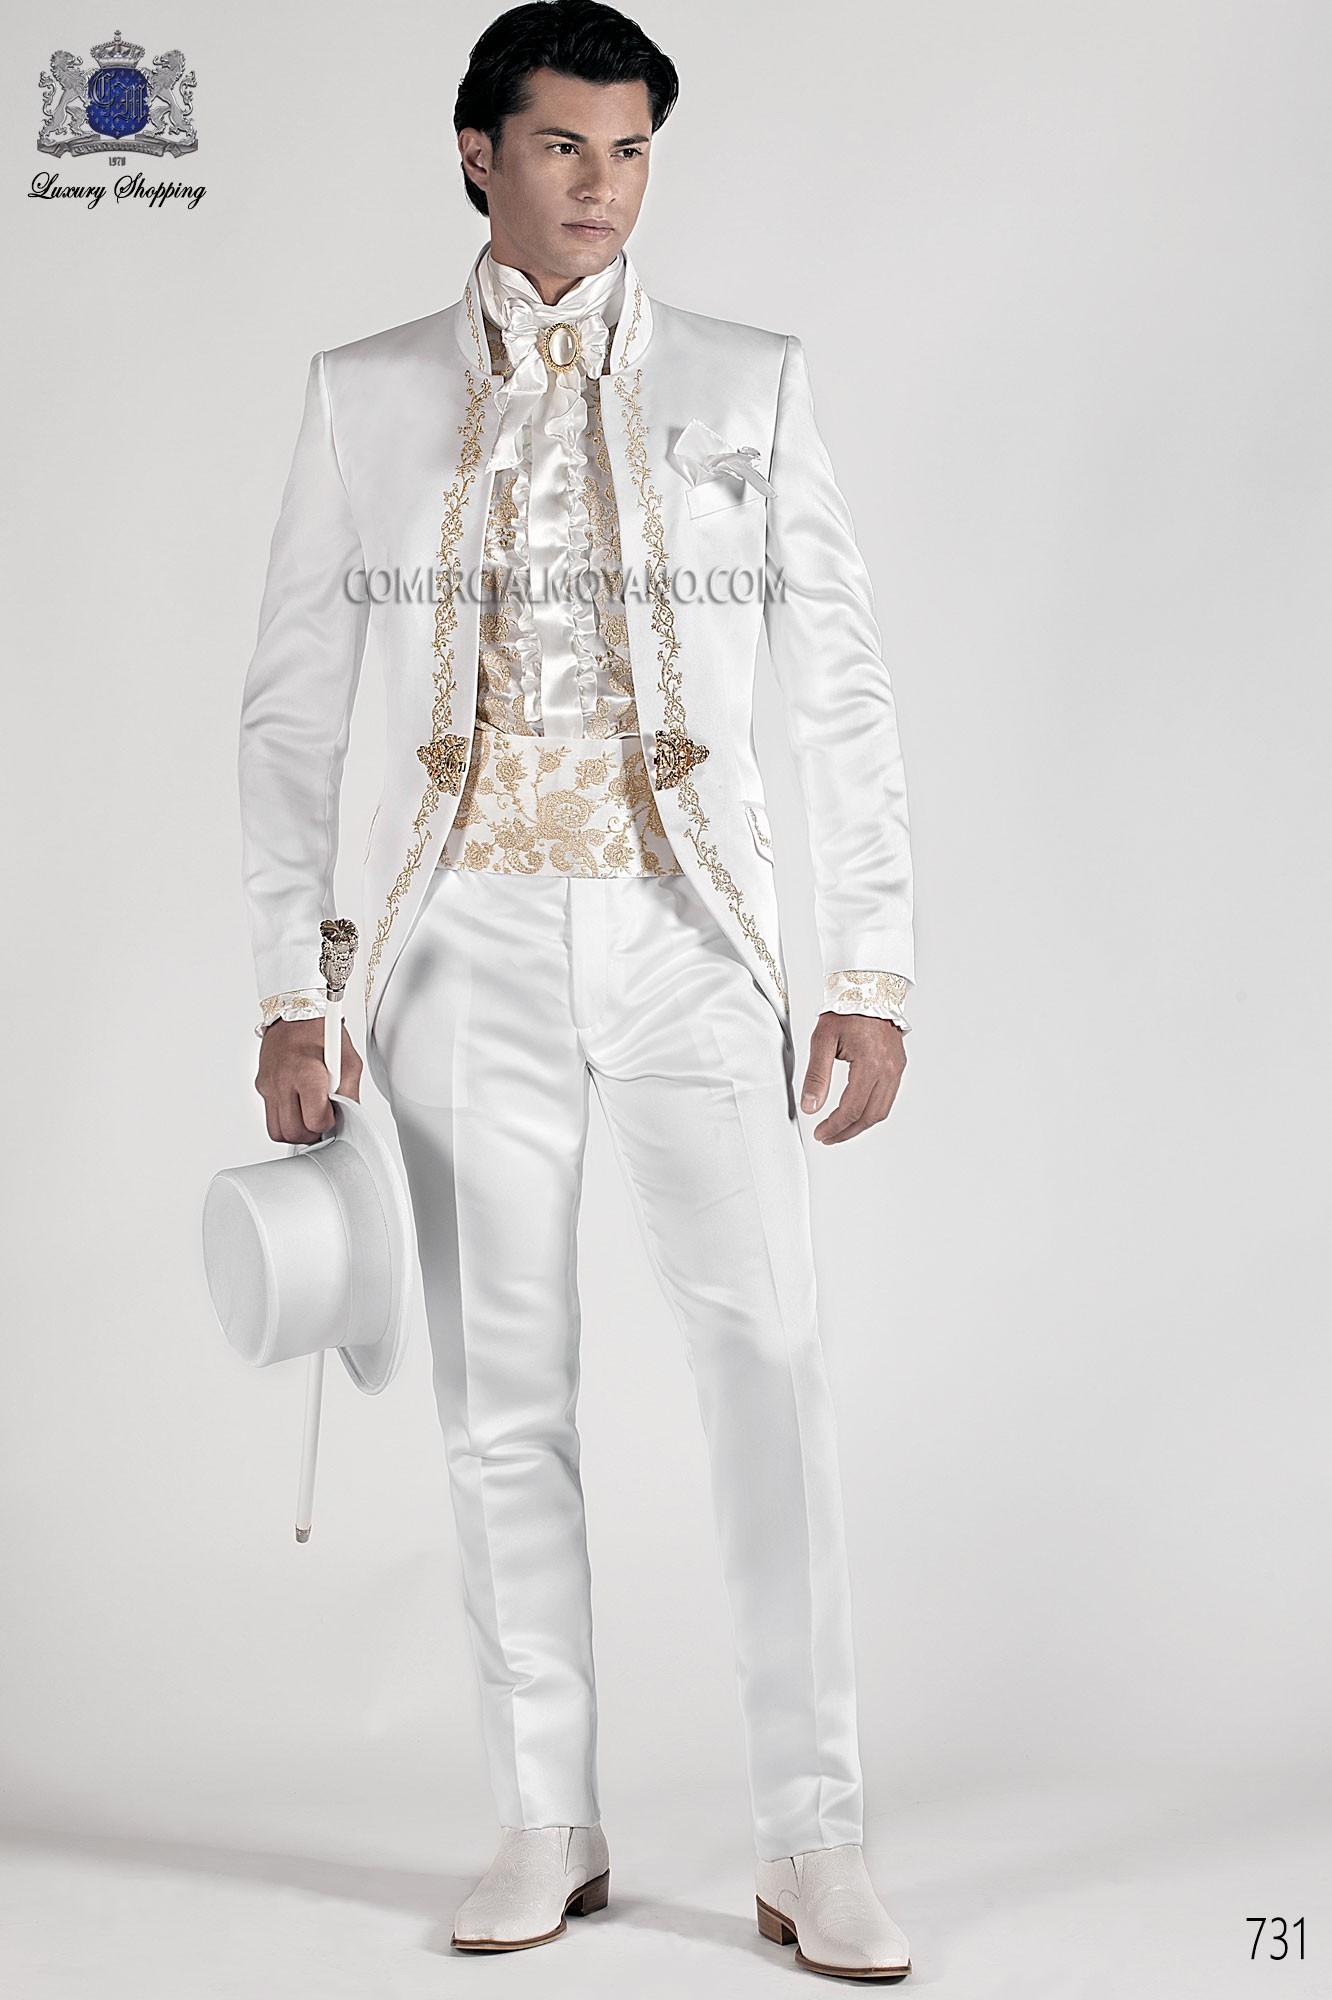 Traje de novio barroco blanco modelo 731 Ottavio Nuccio Gala colección 2017 Barroco